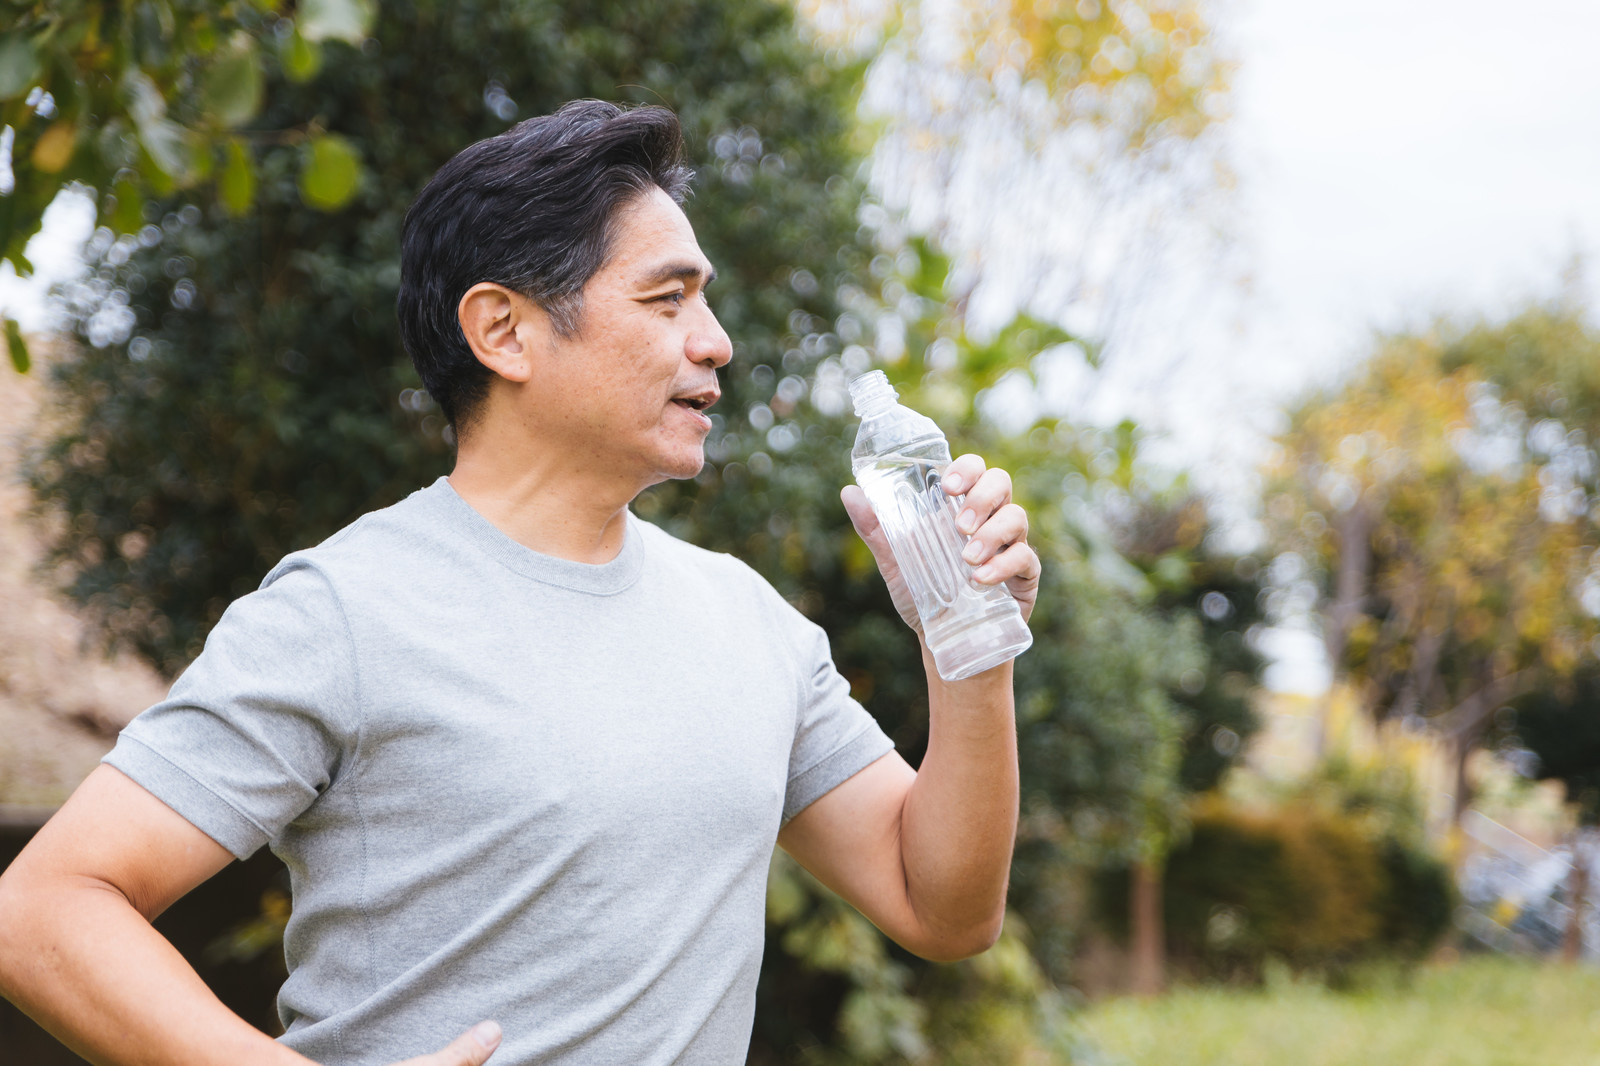 「屋外でミネラルウォーターを飲む中年男性屋外でミネラルウォーターを飲む中年男性」[モデル:よたか]のフリー写真素材を拡大